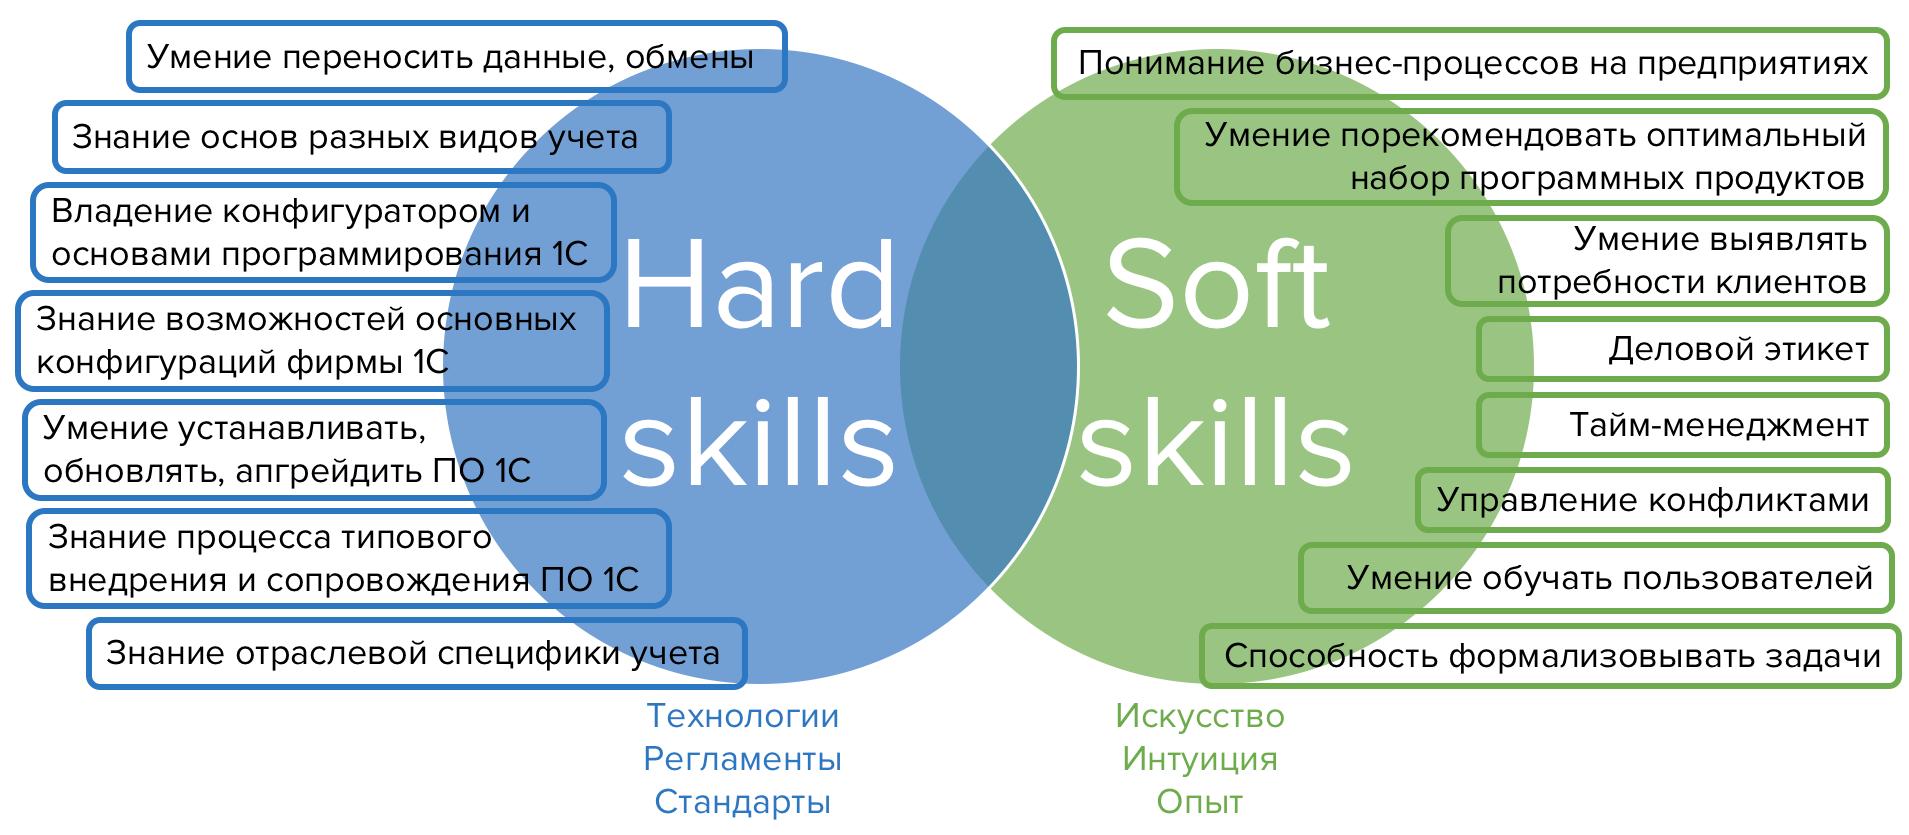 Что такое «софт»